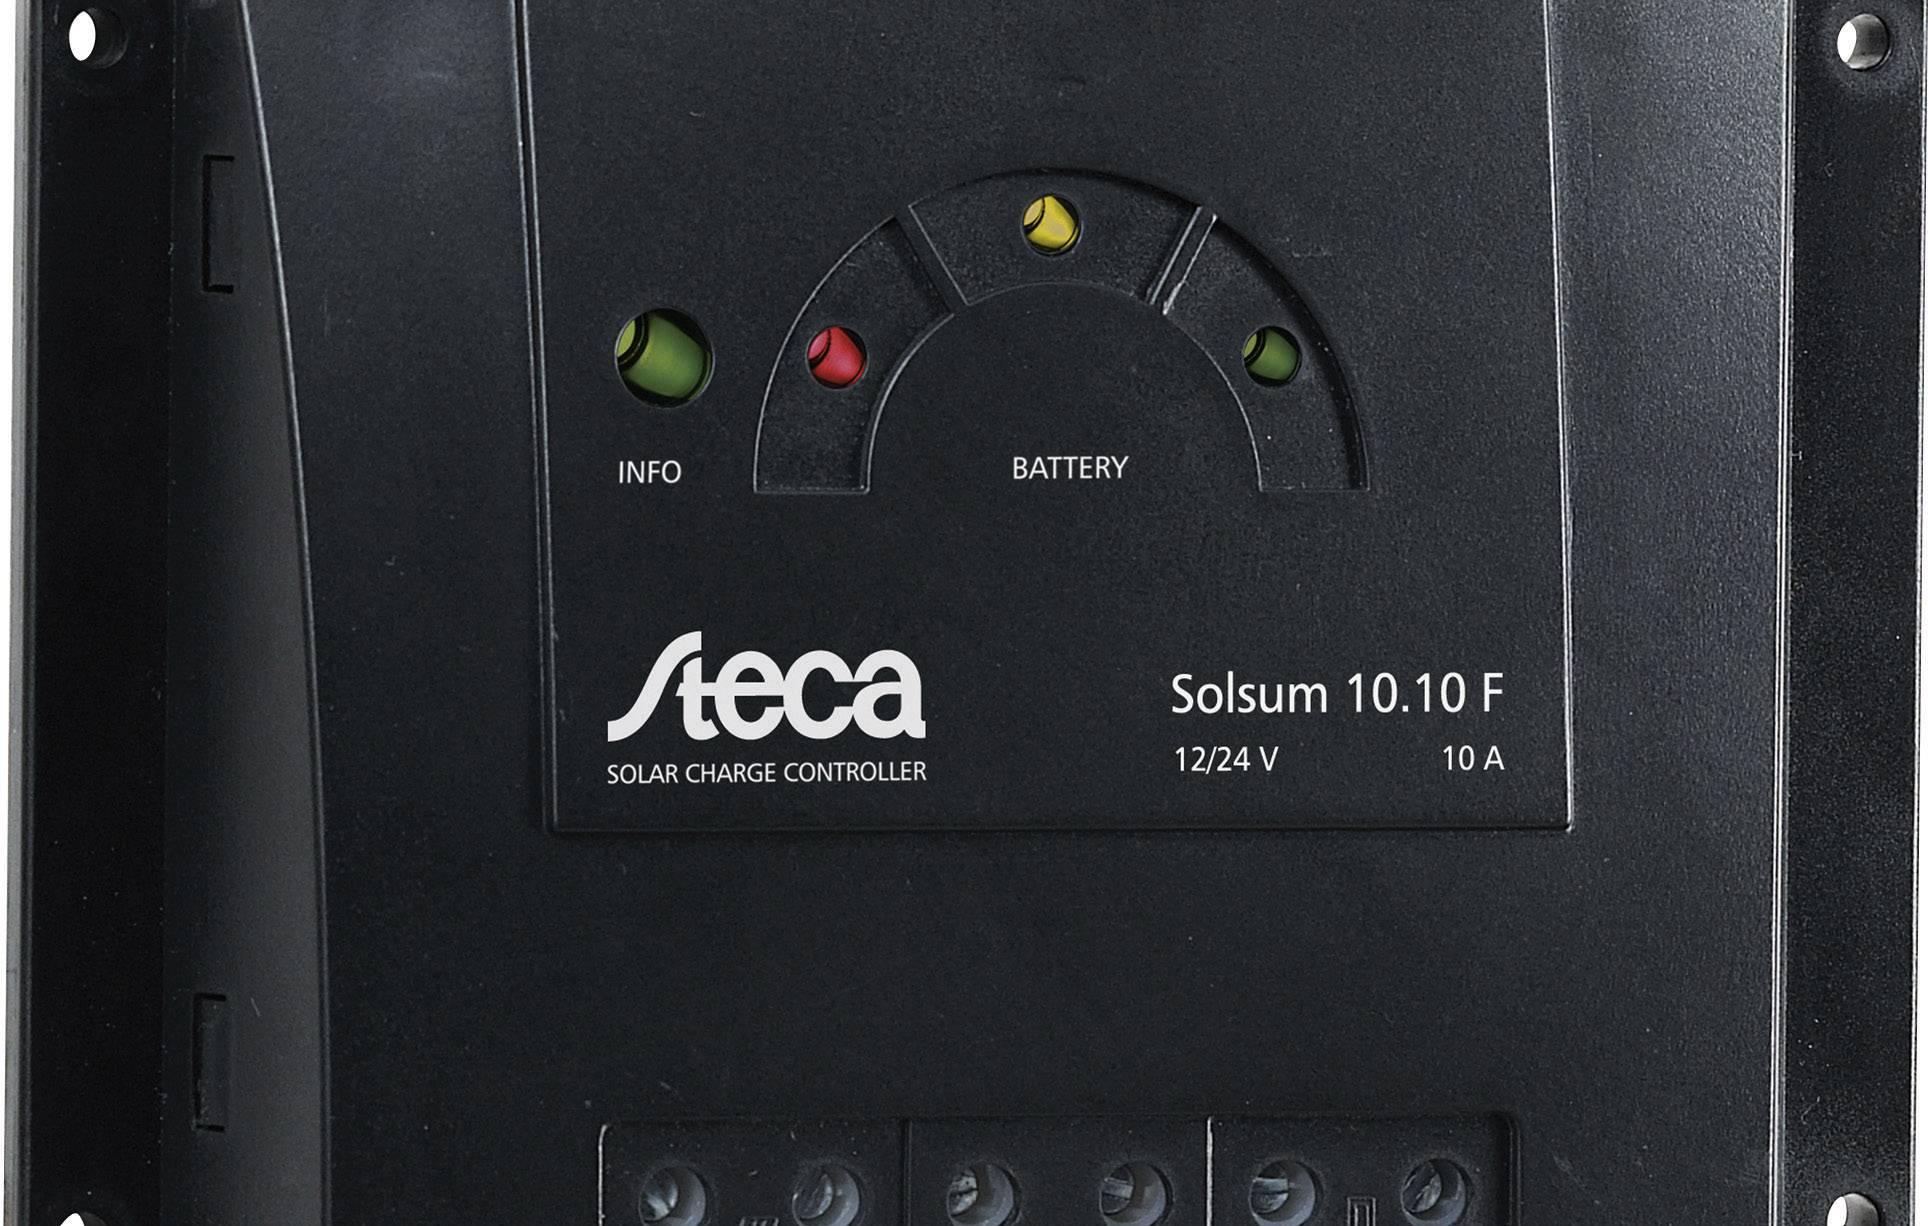 Solárny regulátor nabíjania Steca Solsum 10.10 F 302901, 10 A, 12 V, 24 V